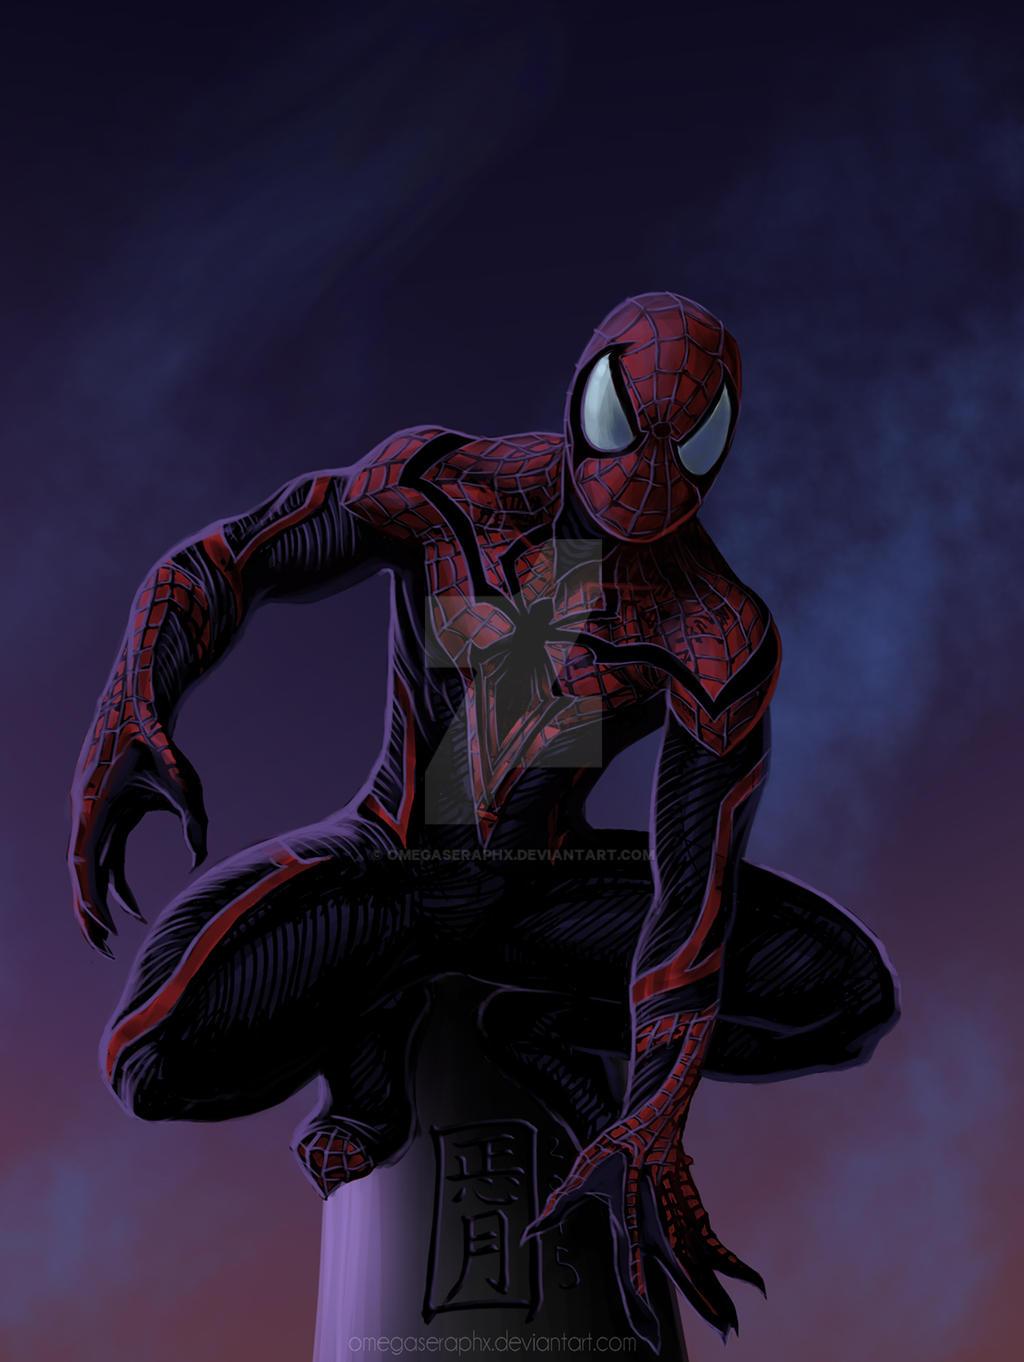 the amazing spider man 2 suit design